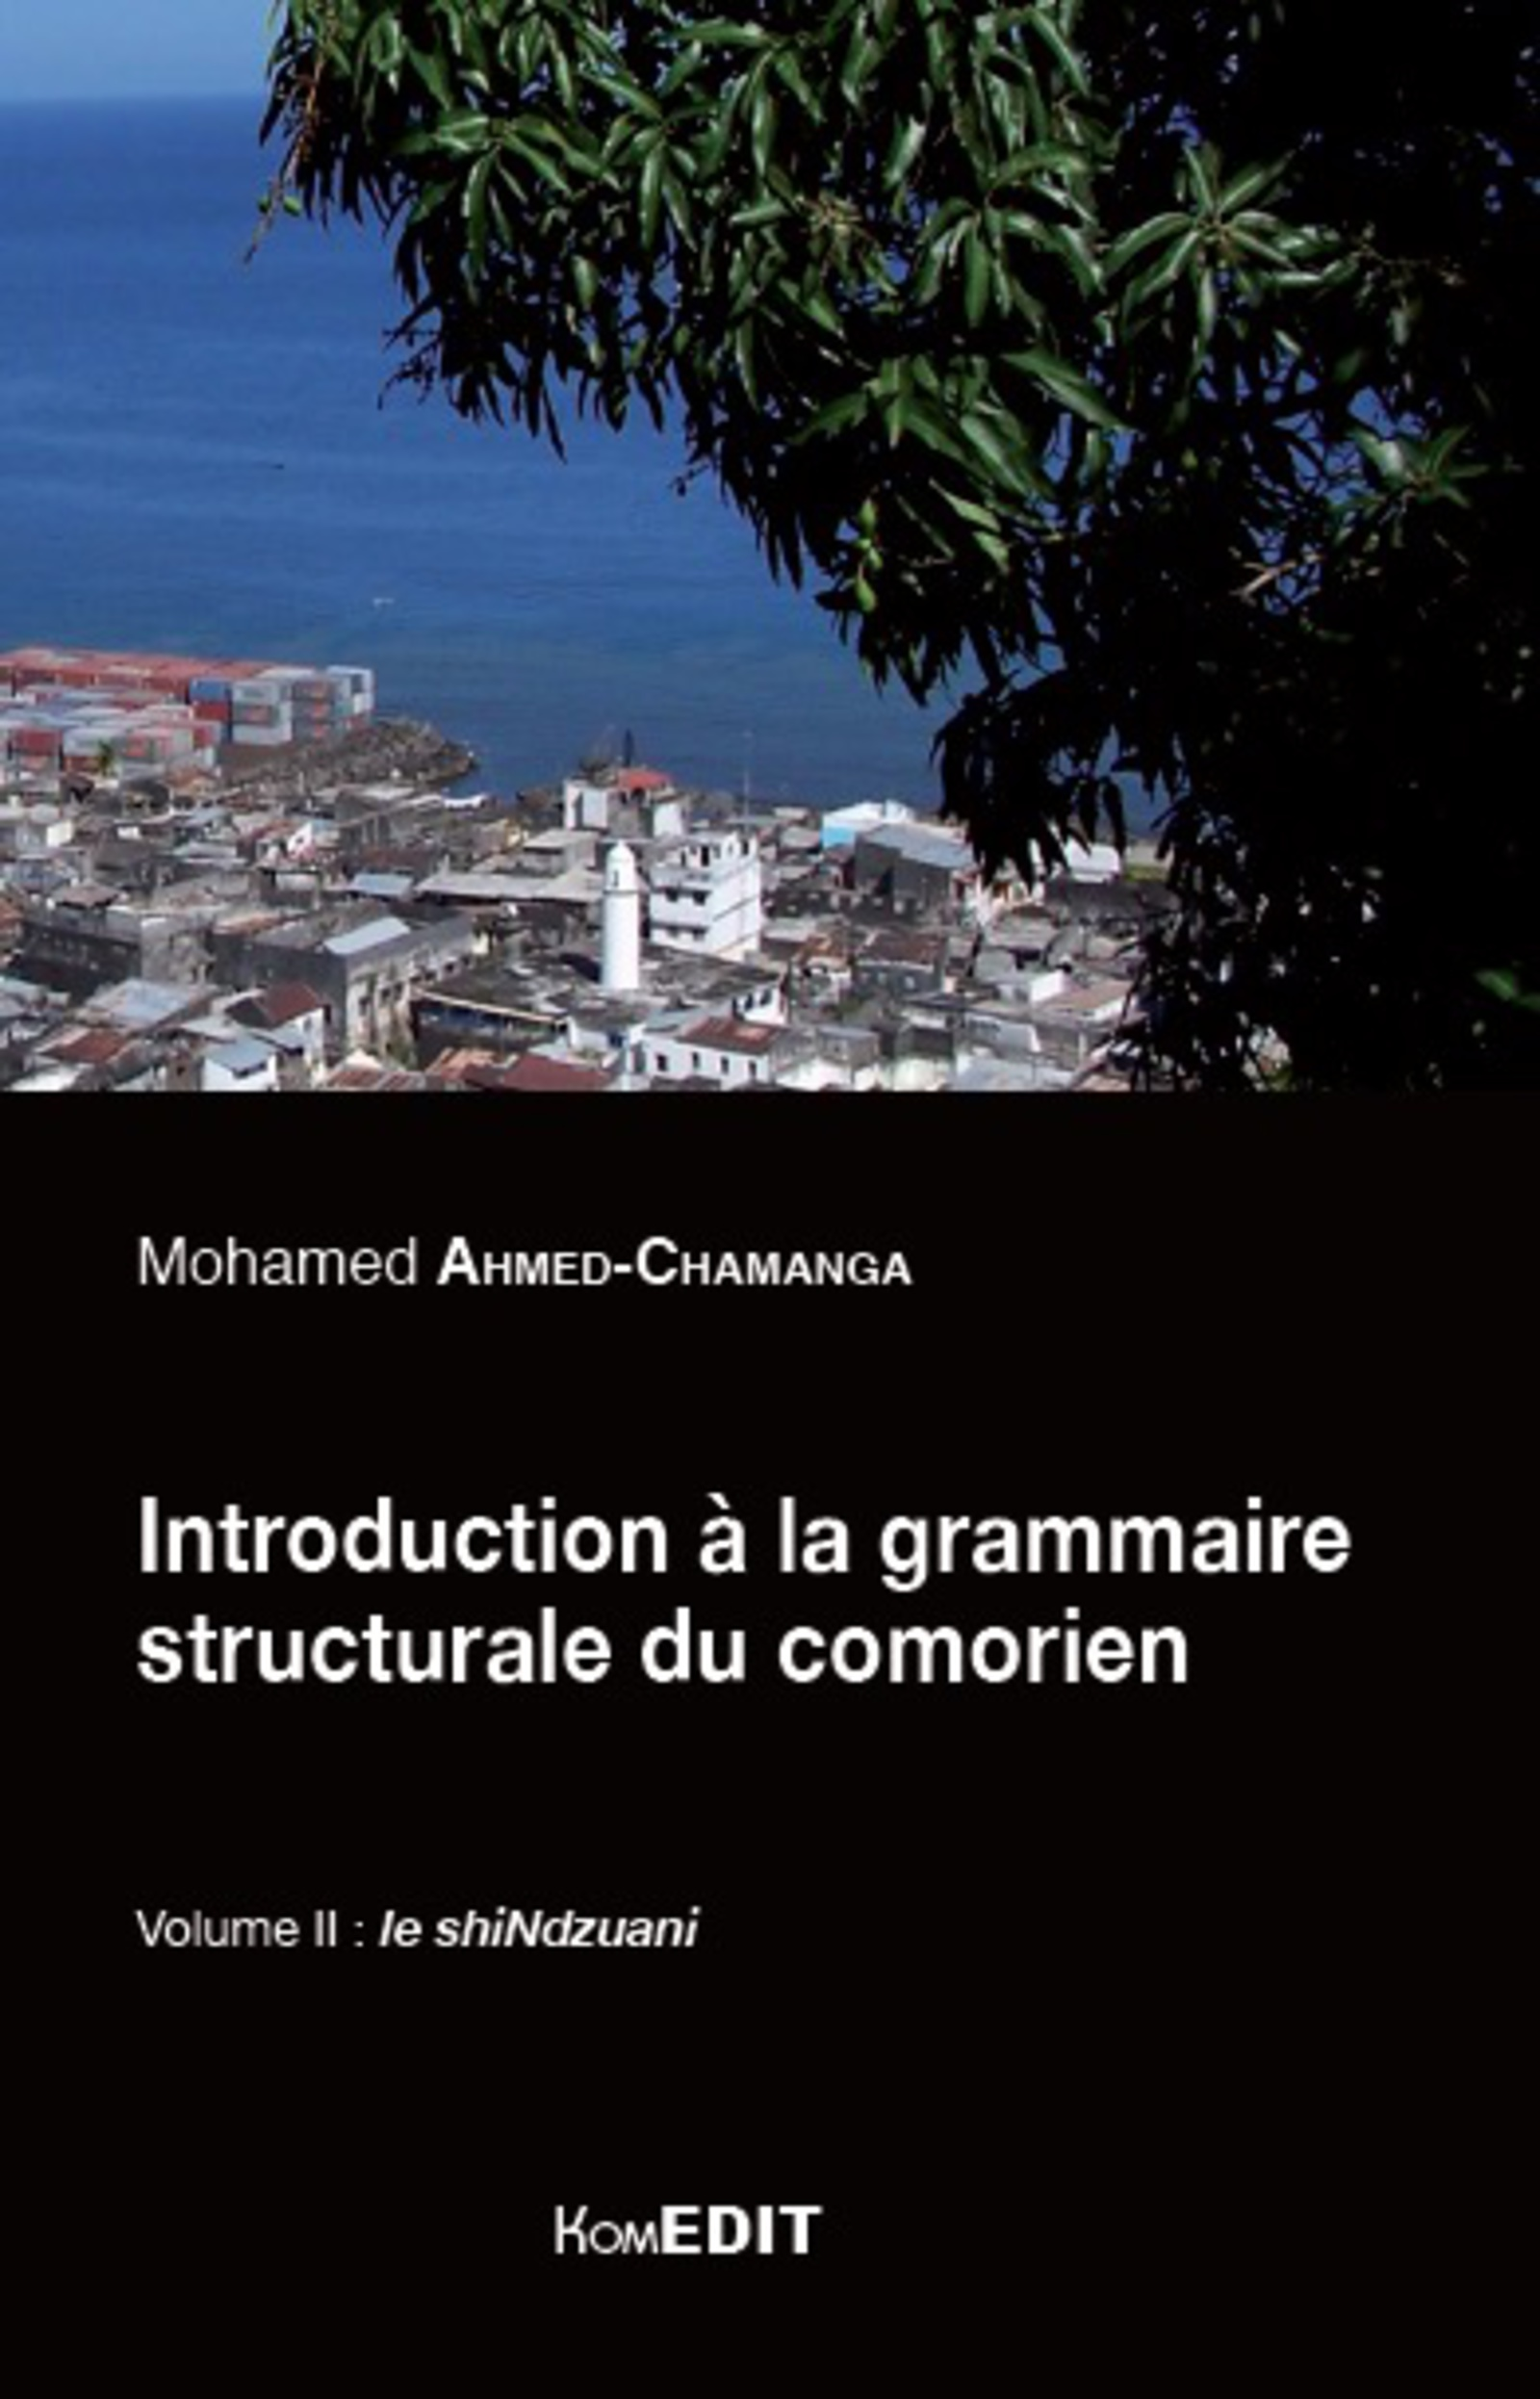 Initiation à la grammaire comorienne Le shiNdzuani - Mohamed Ahmed Chamanga